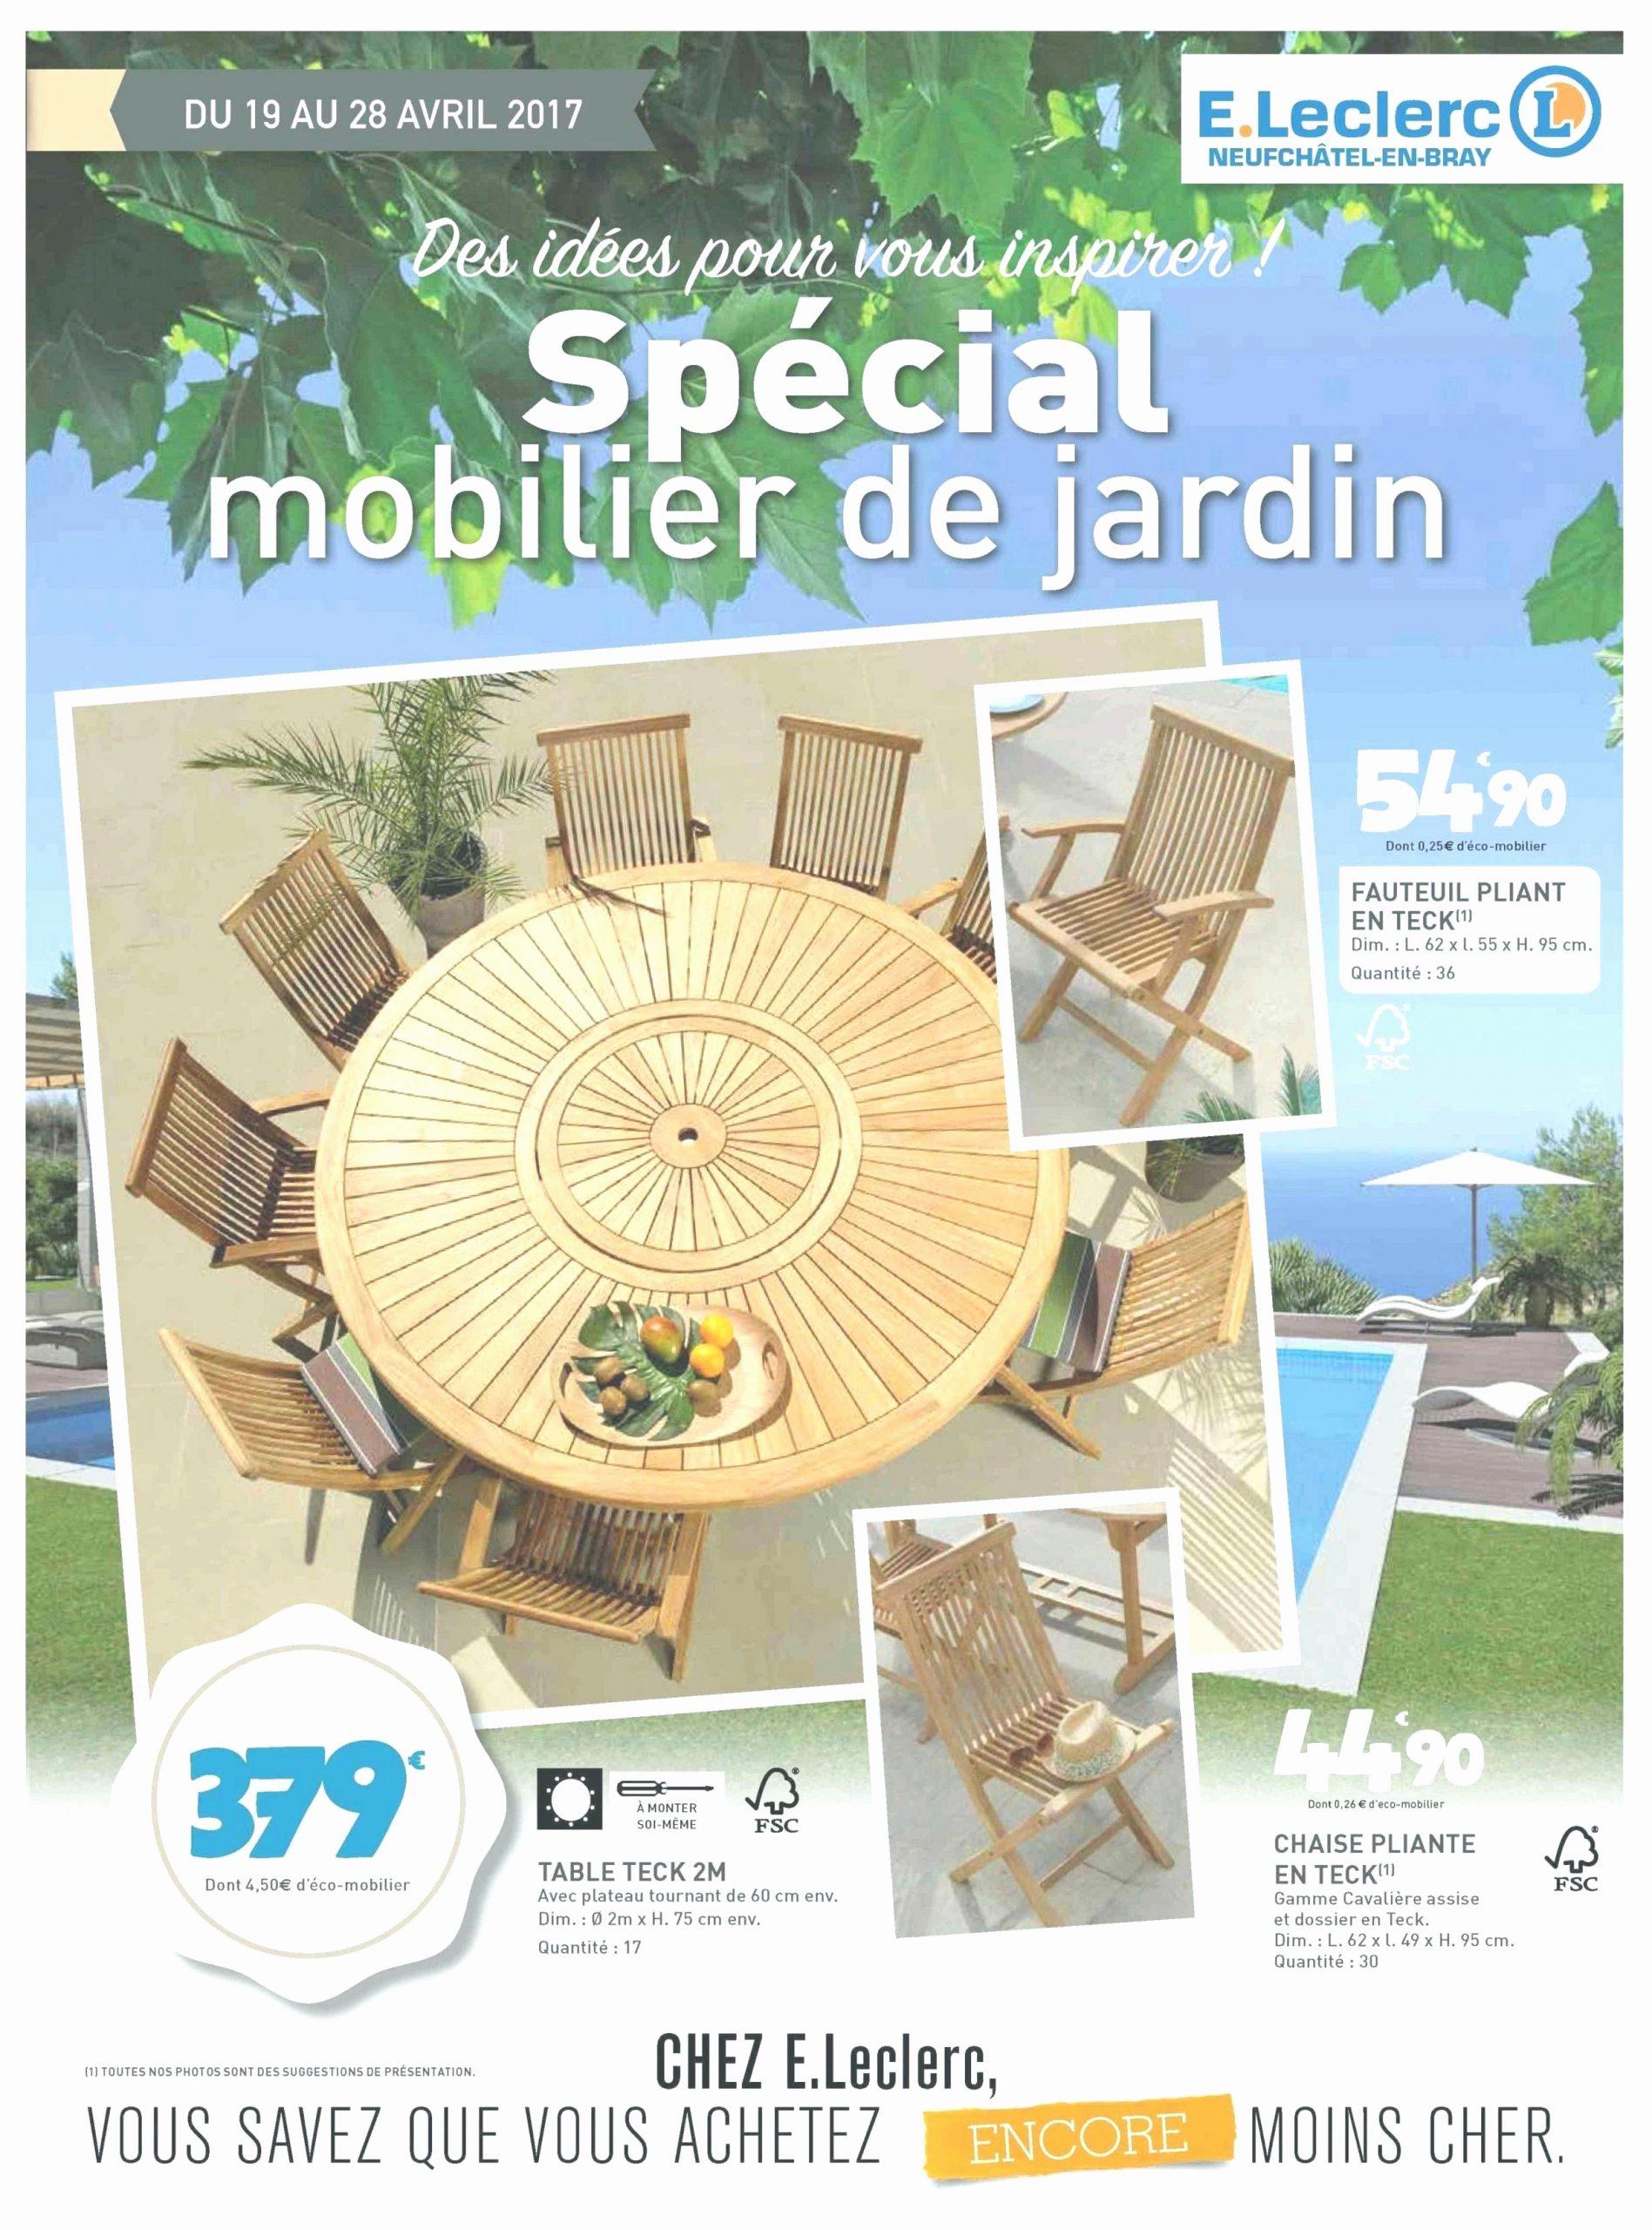 Salon De Jardin En Soldes Leclerc Nouveau Leclerc Table ... concernant Table De Jardin Magasin Leclerc